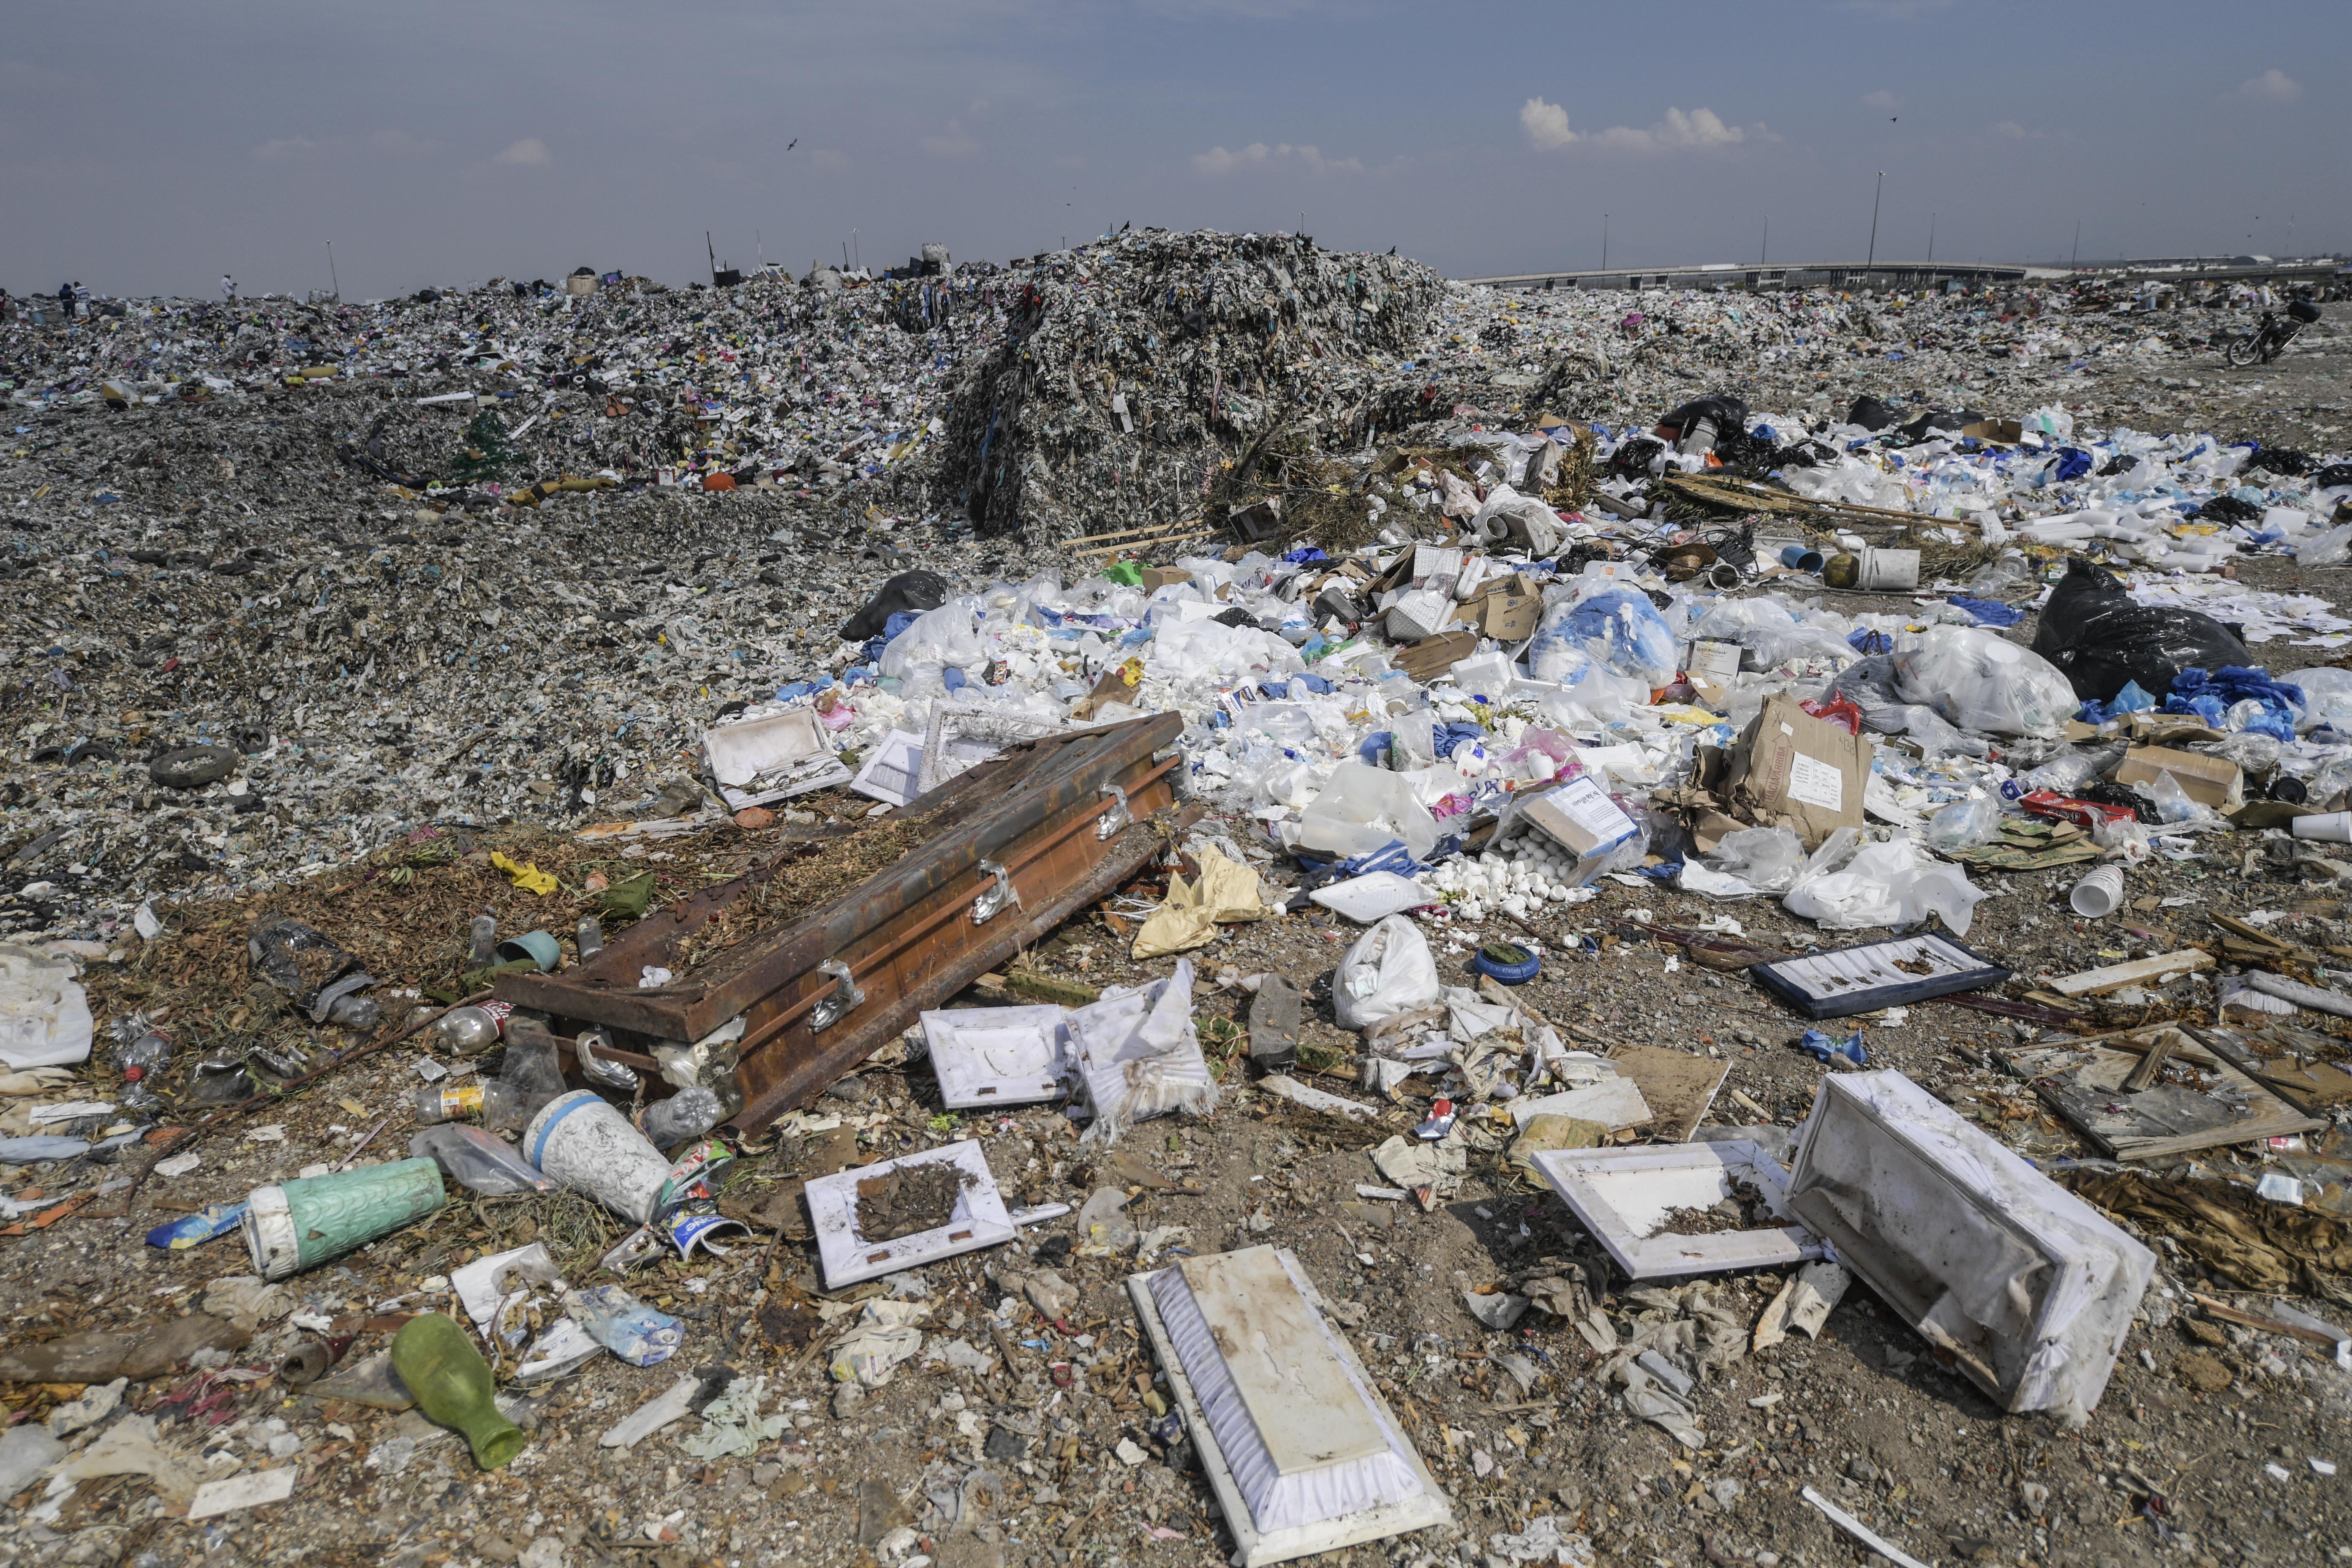 Vista de desechos médicos en el basurero